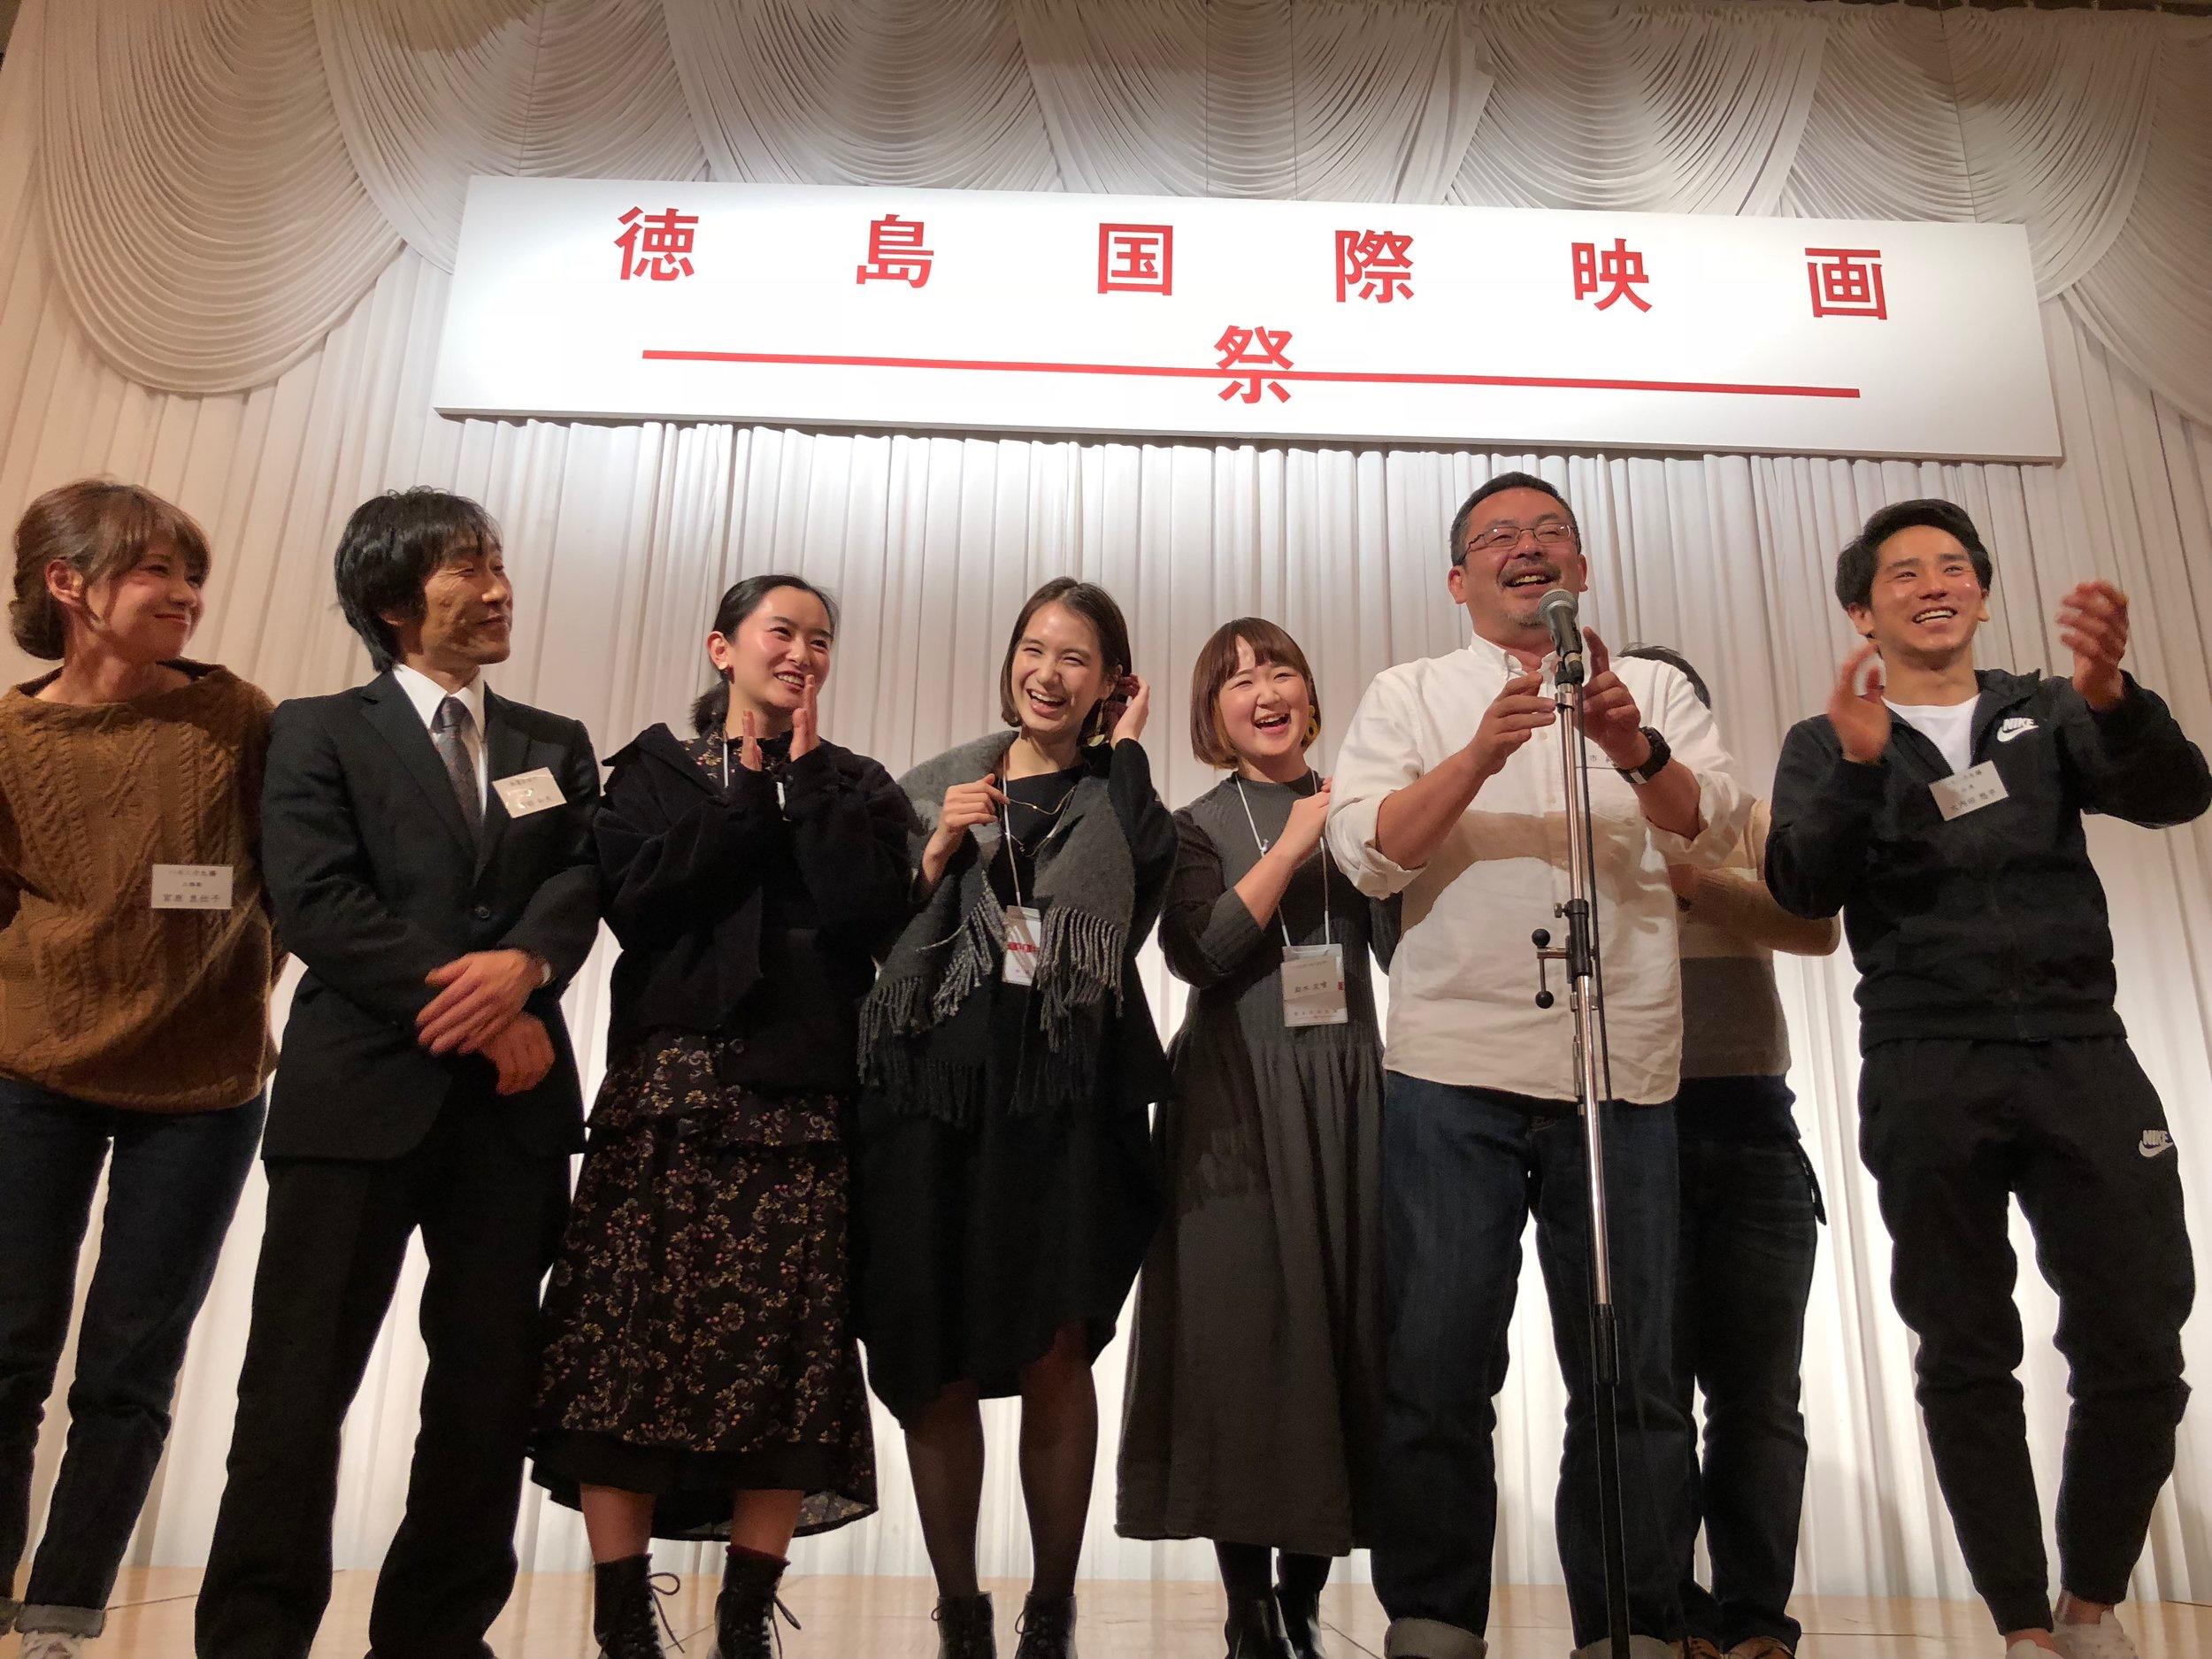 徳島で開催された徳島国際映画祭ではオープニング上映作品として選出された  Screened as an opening at Tokushima International Film Festival